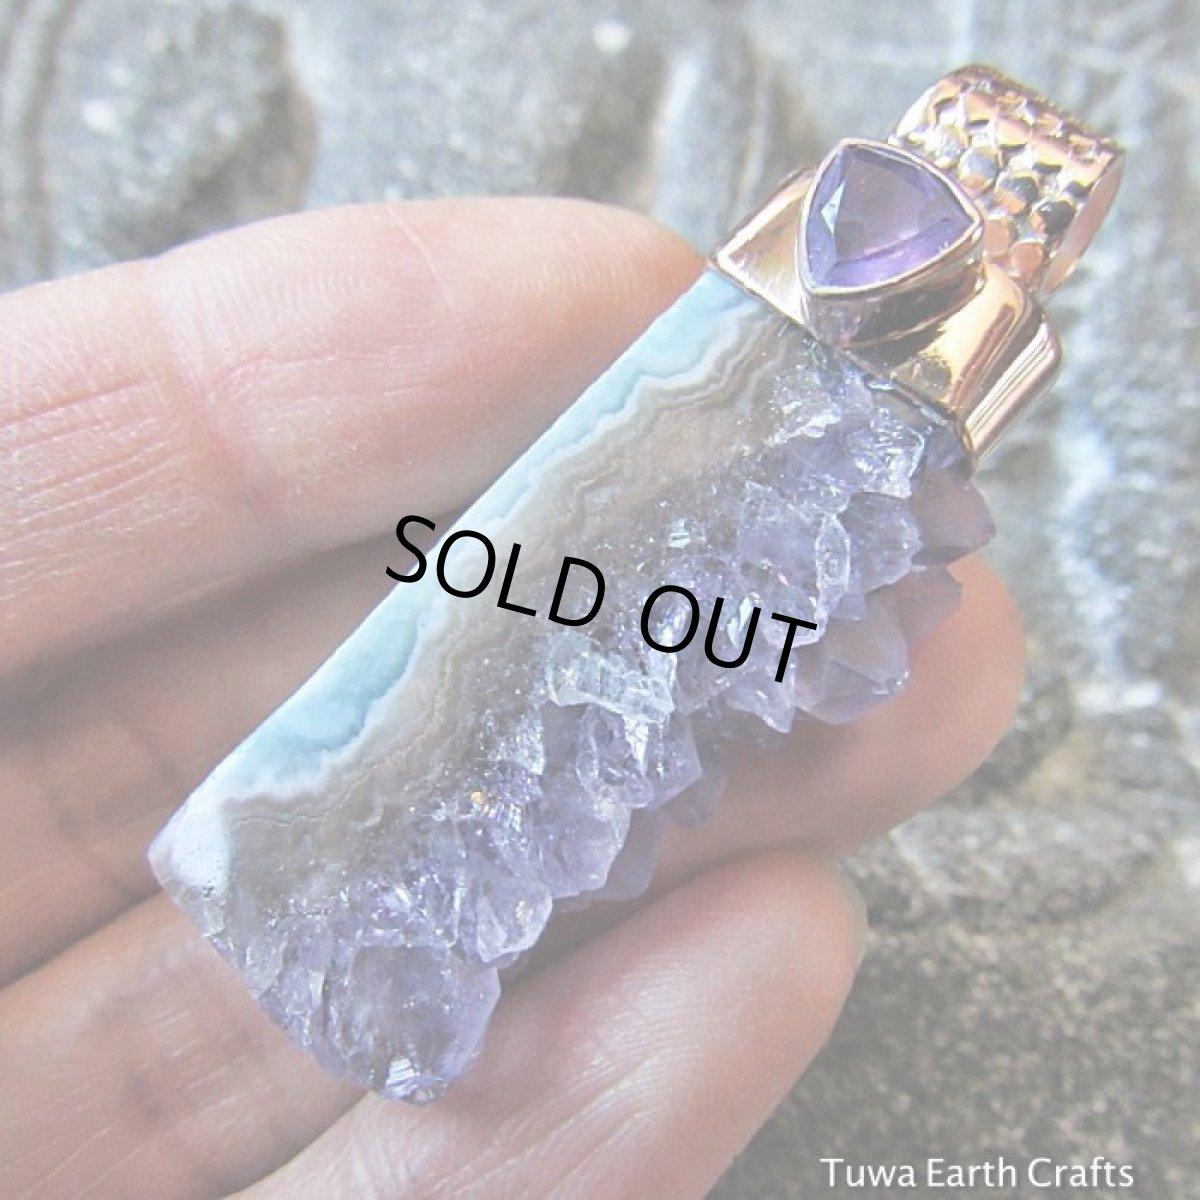 画像1: 高品質ウルグアイ産スタラクタイトアメシスト1点物ペンダントトップ フラワーアメジスト原石クラスター ローズゴールド 2月誕生石 紫水晶 鉱物 パワーストーン天然石 ヒーリングアクセサリー (1)